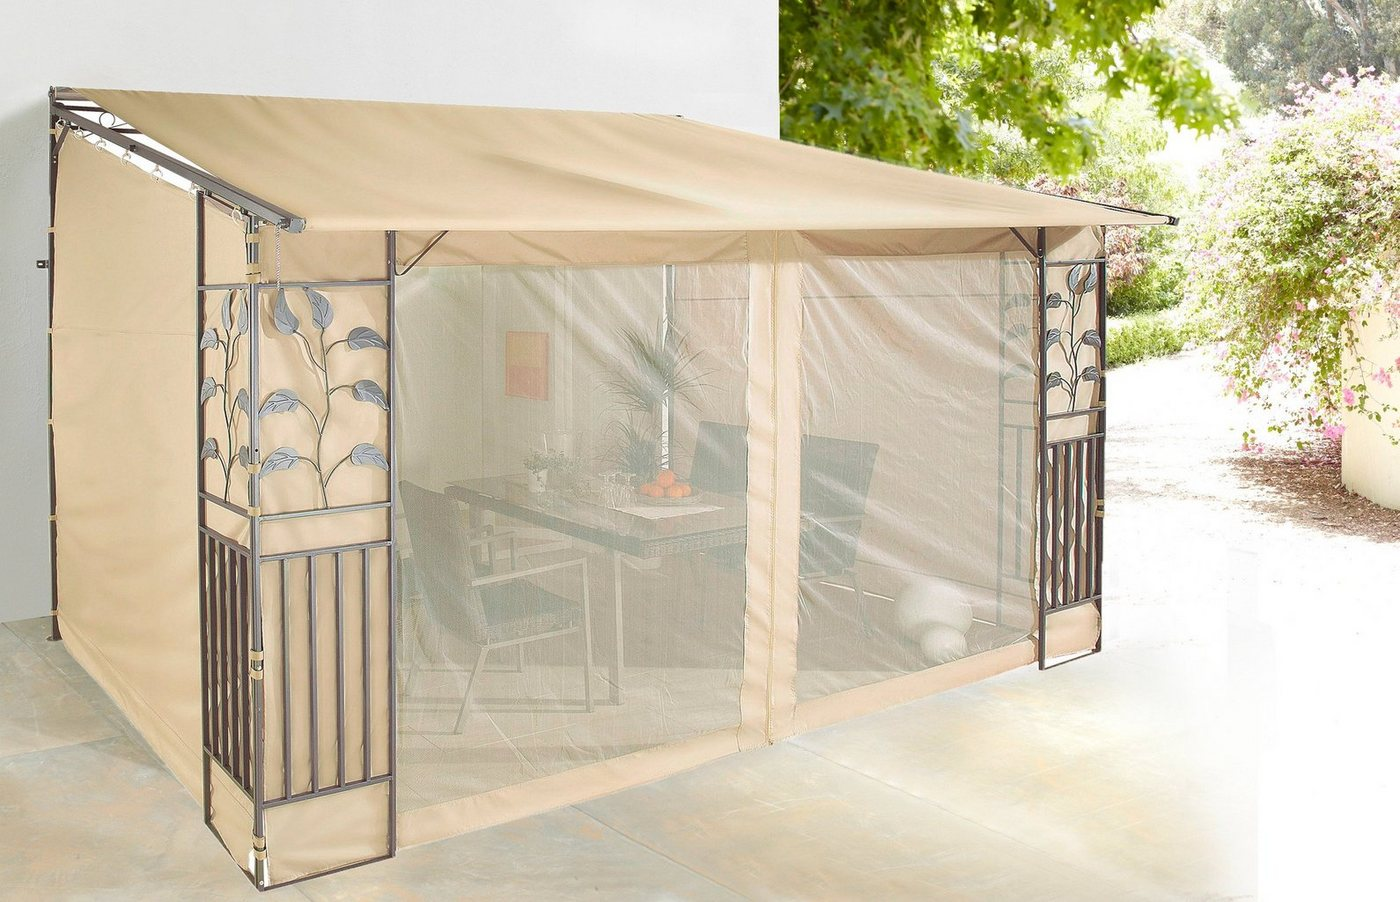 Kika Gartenmobel Rattan : Moskitonetze Für Pavillon  Preisvergleiche, Erfahrungsberichte und